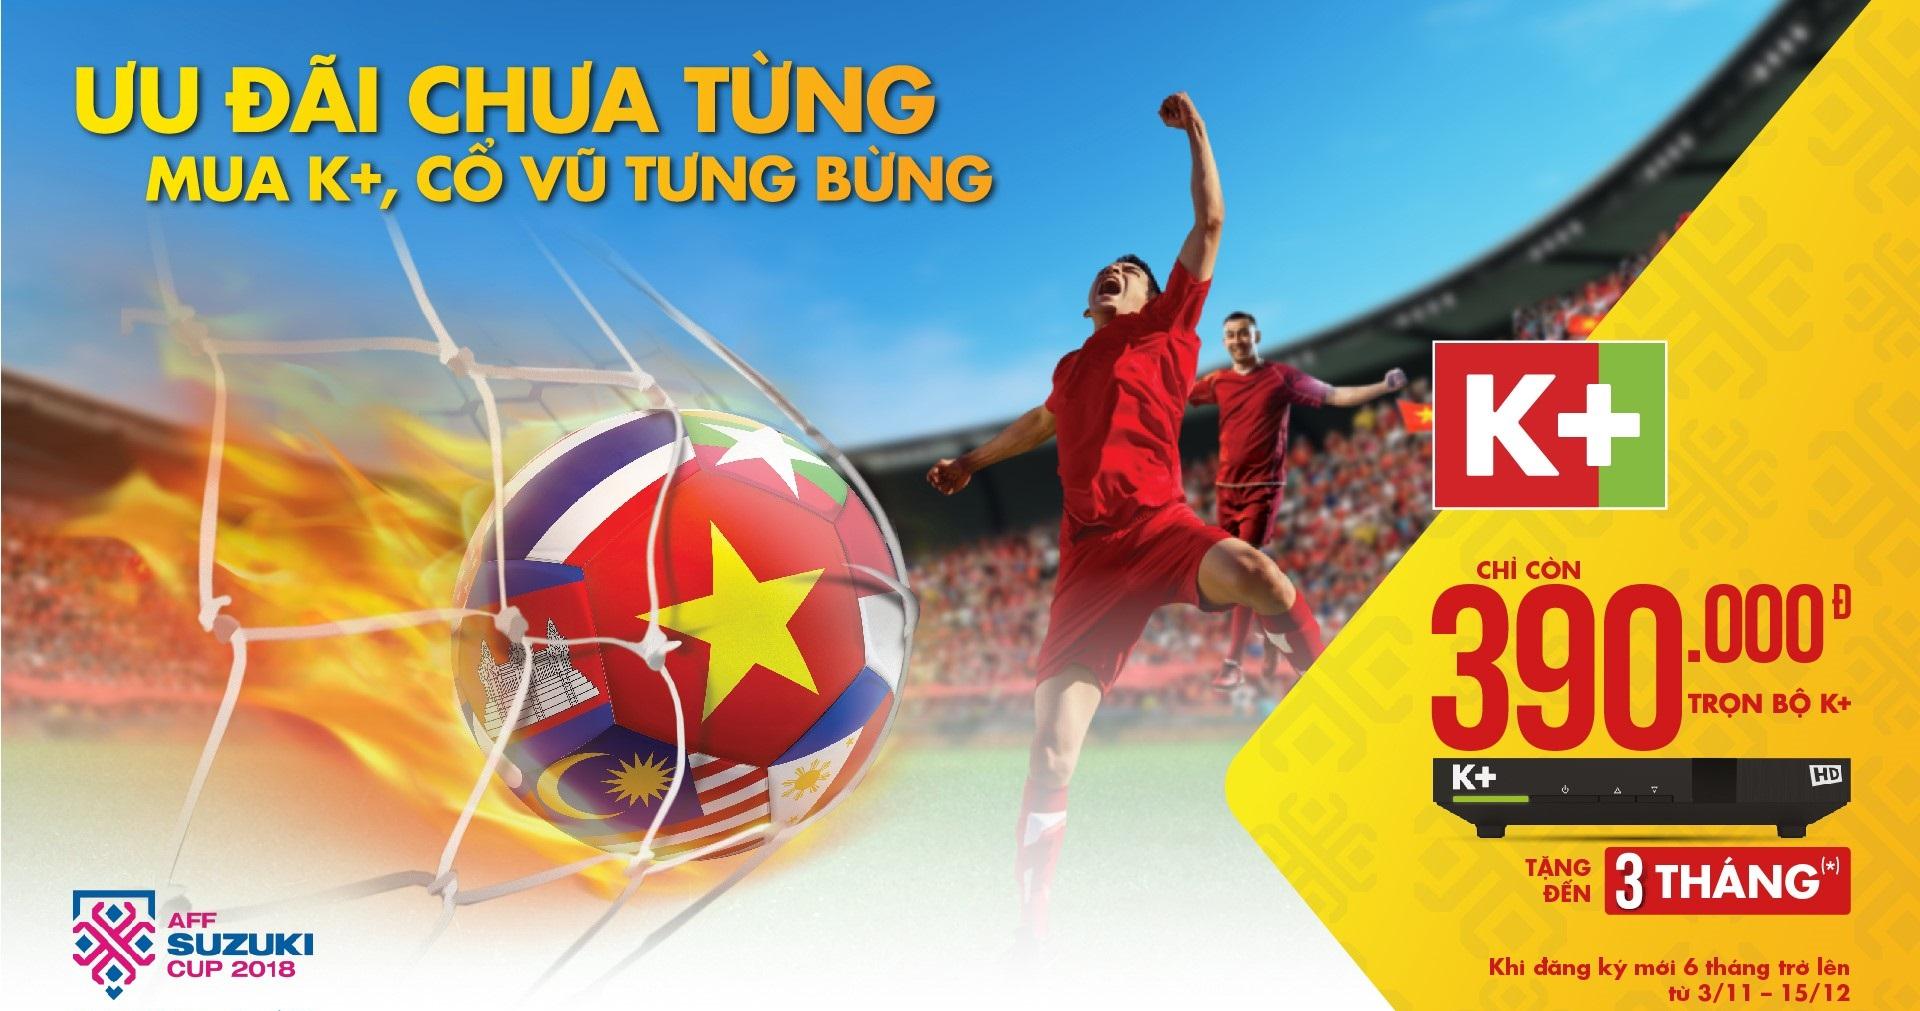 K+ Khuyến mãi - chào đón giải AFF Suzuki Cup 201